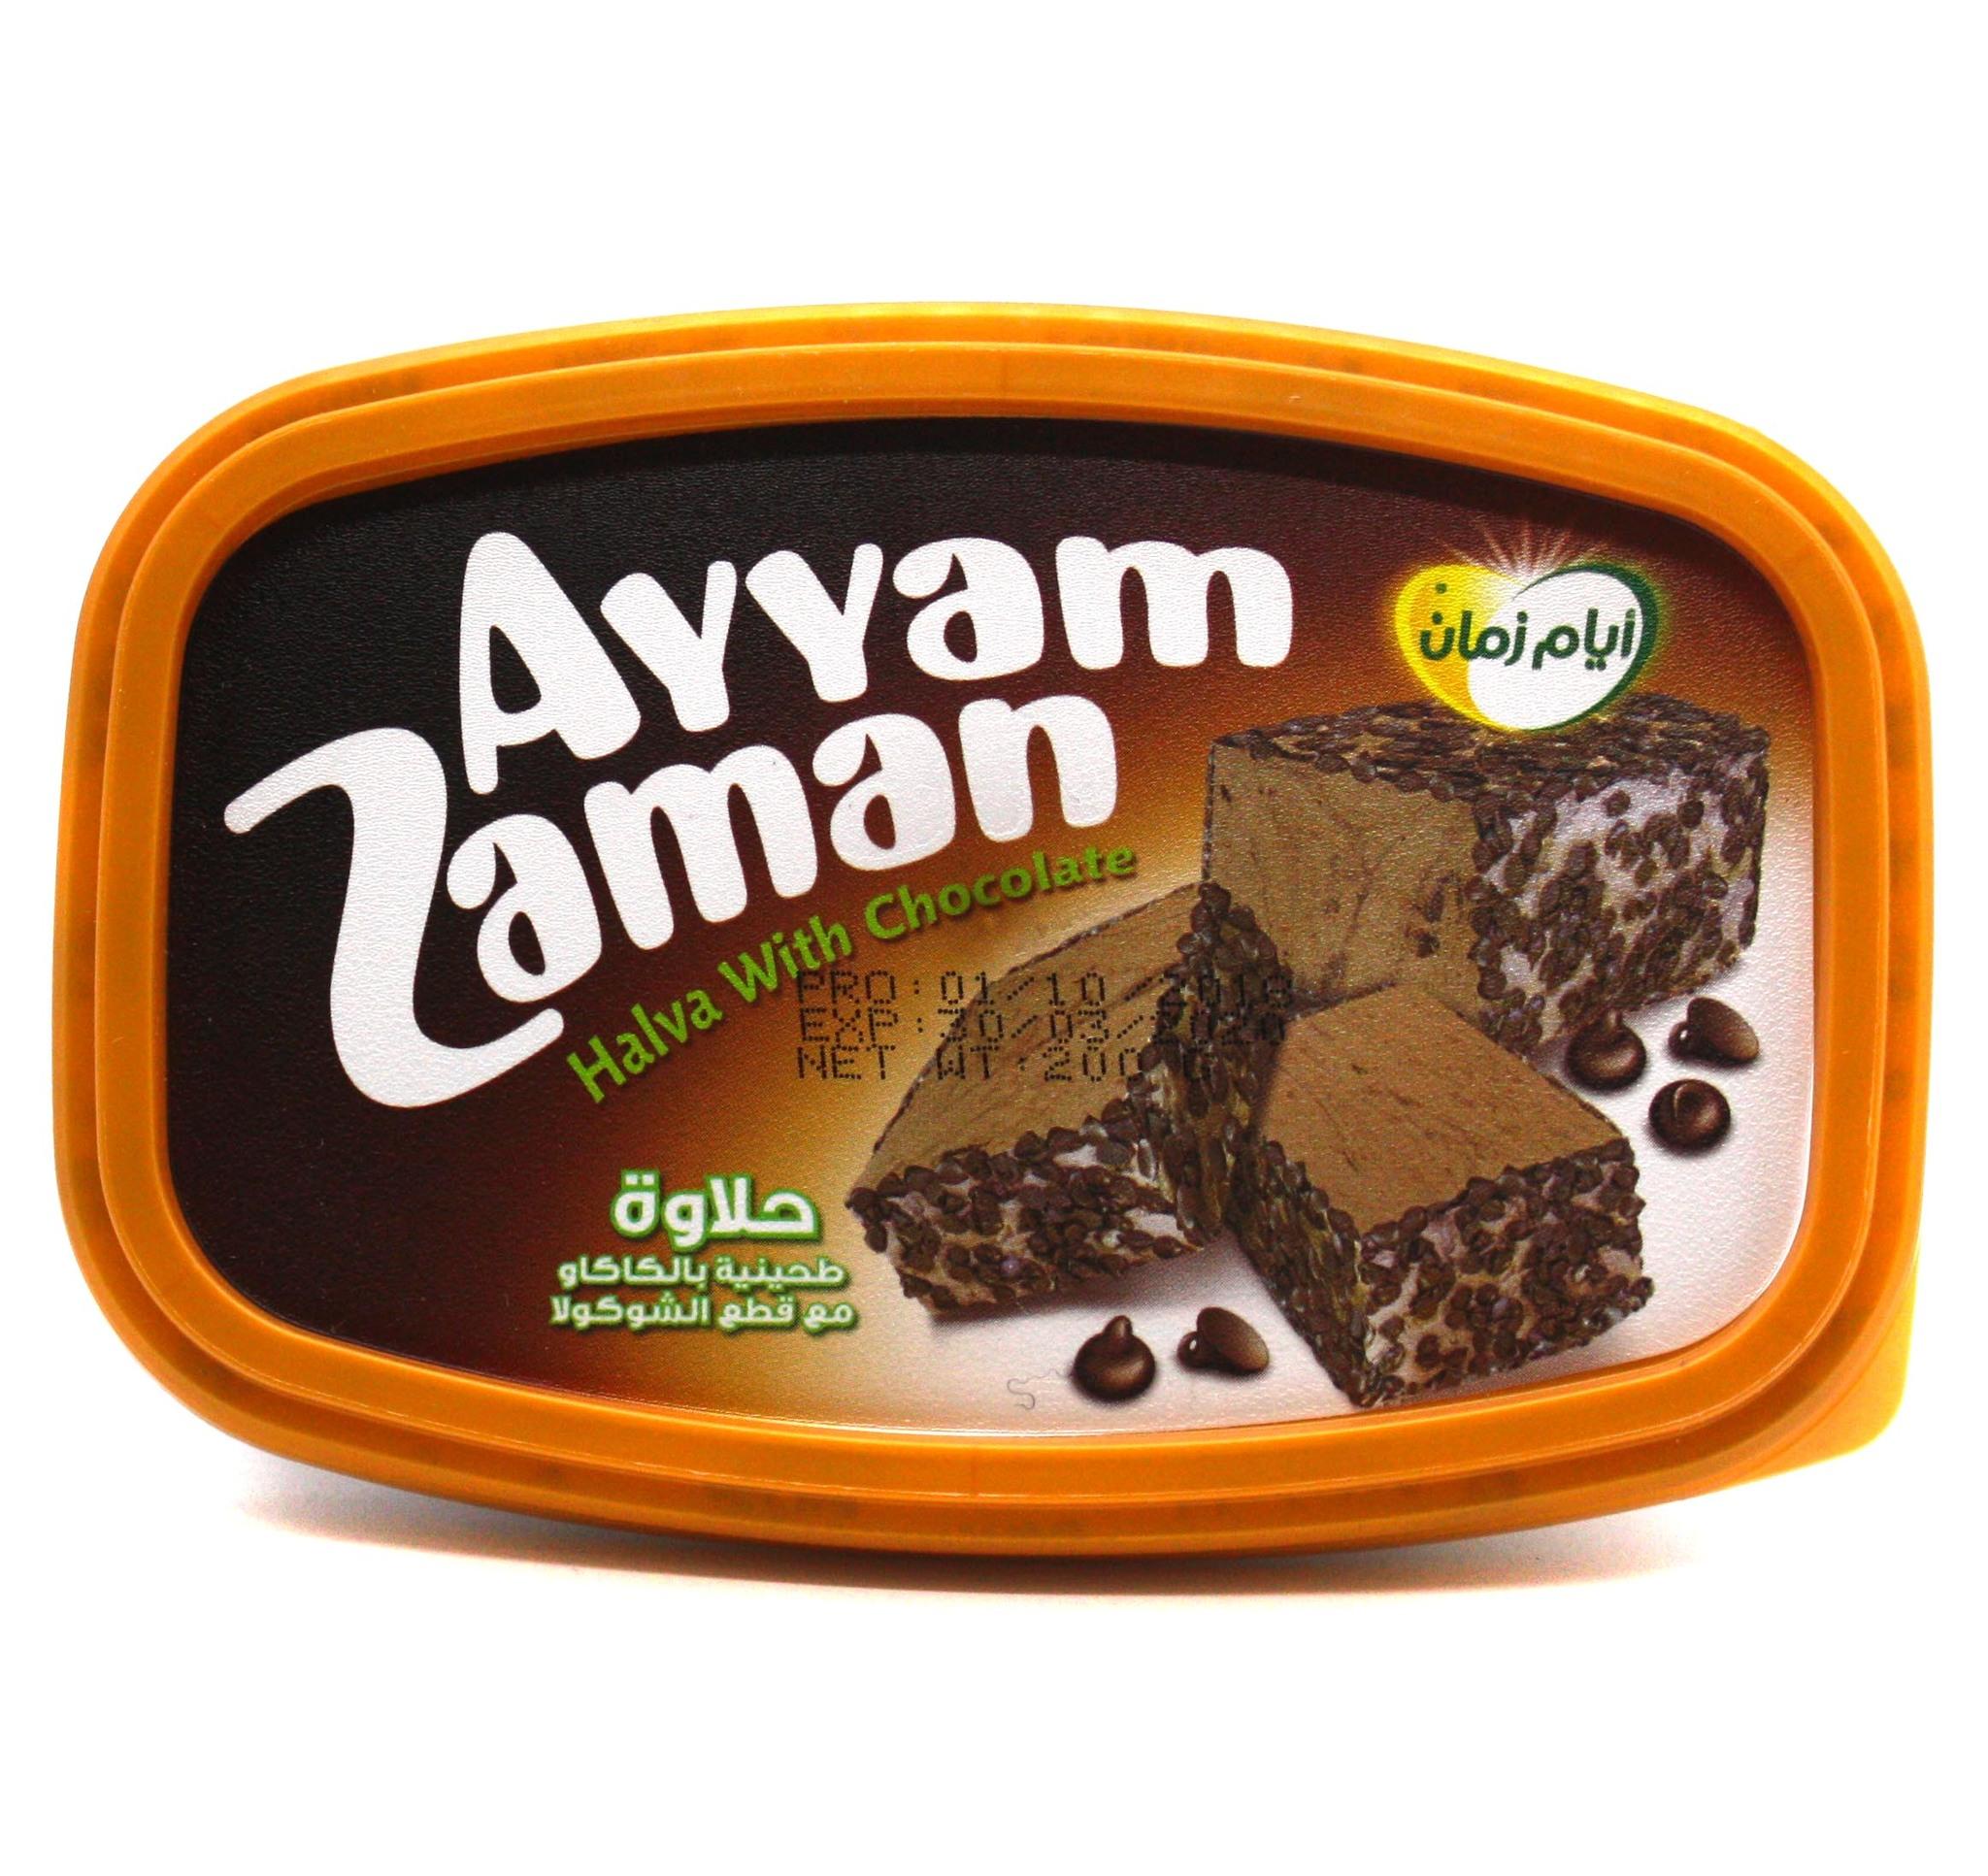 Кунжутная Халва Халва кунжутная шоколадная, Ayyam Zaman, 200 г import_files_db_db7d7a2ff86411e8a9a1484d7ecee297_0ccbf3befde811e8a9a1484d7ecee297.jpg